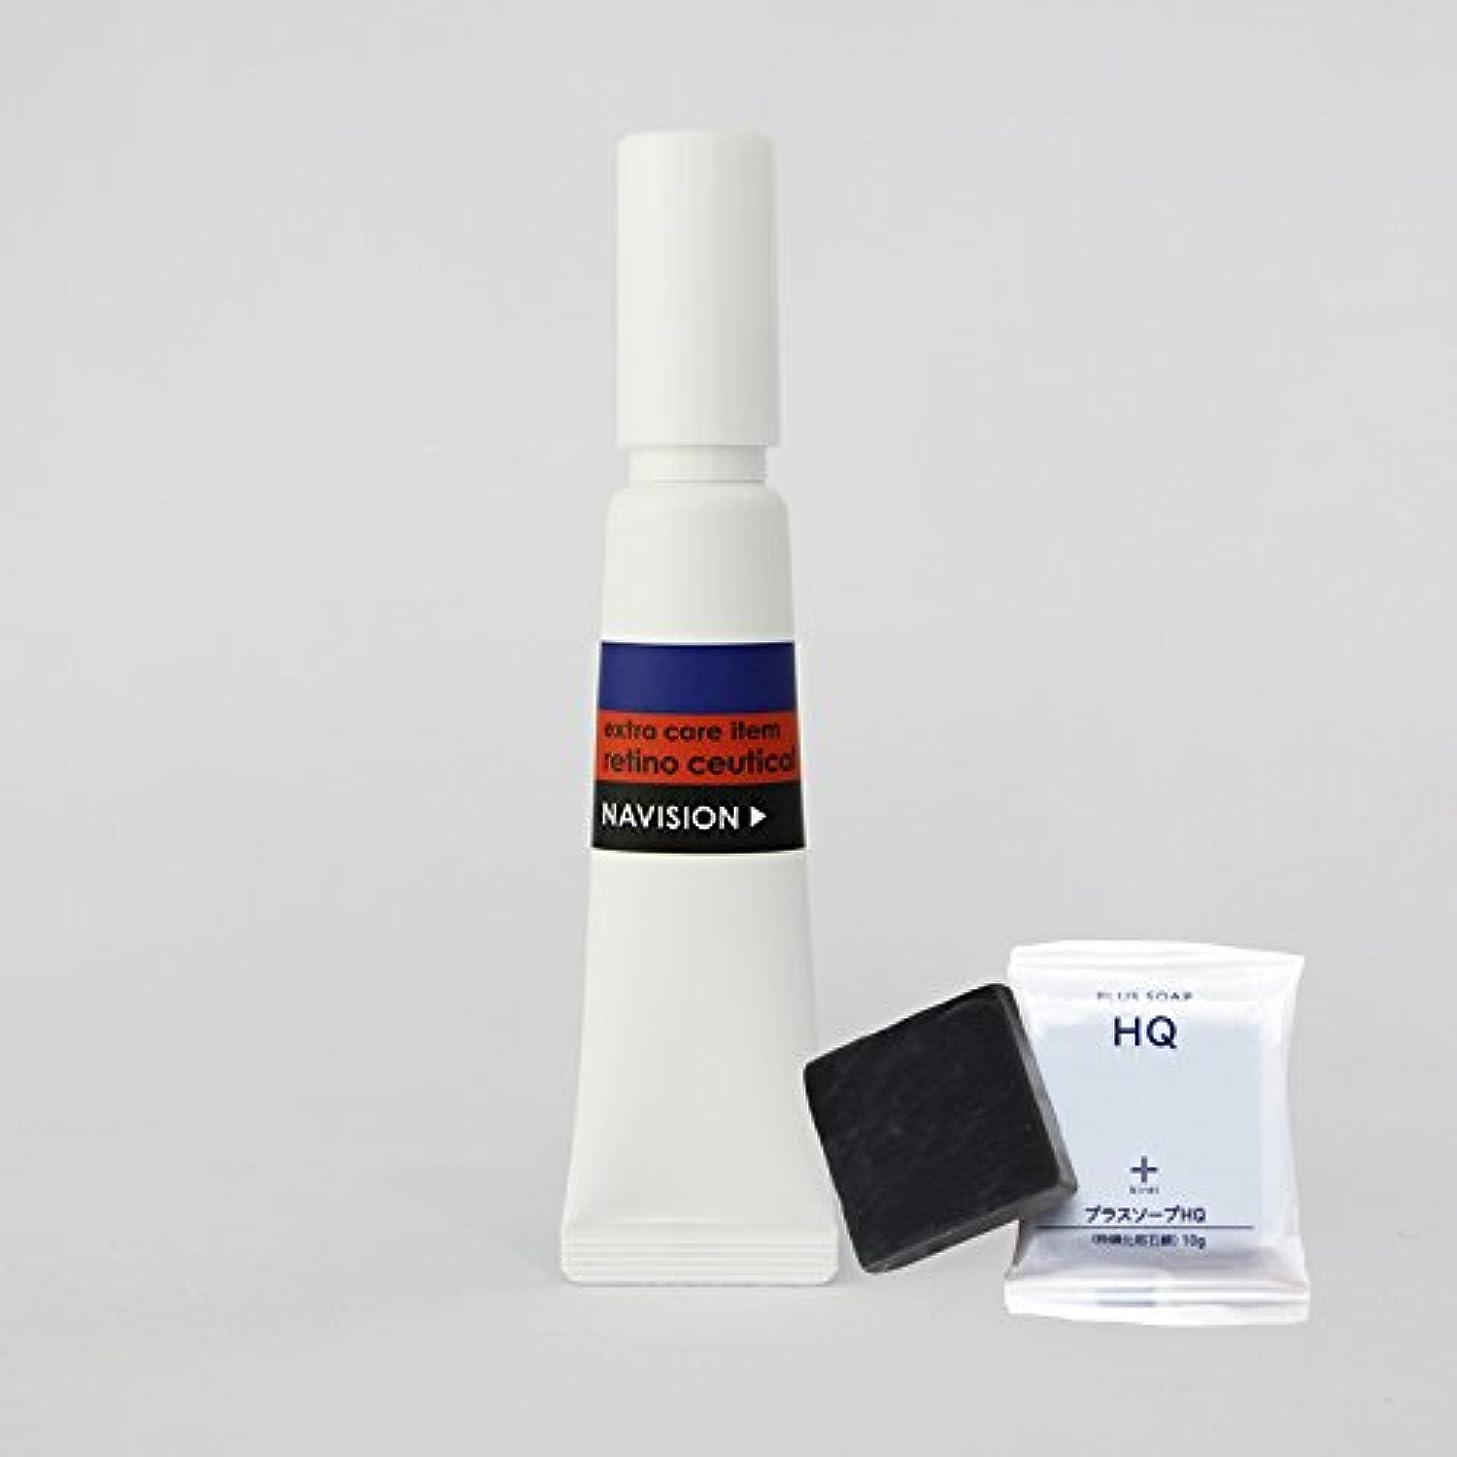 シャツネックレット親指ナビジョン NAVISION レチノシューティカル 15g (医薬部外品) + プラスキレイ プラスソープHQミニ